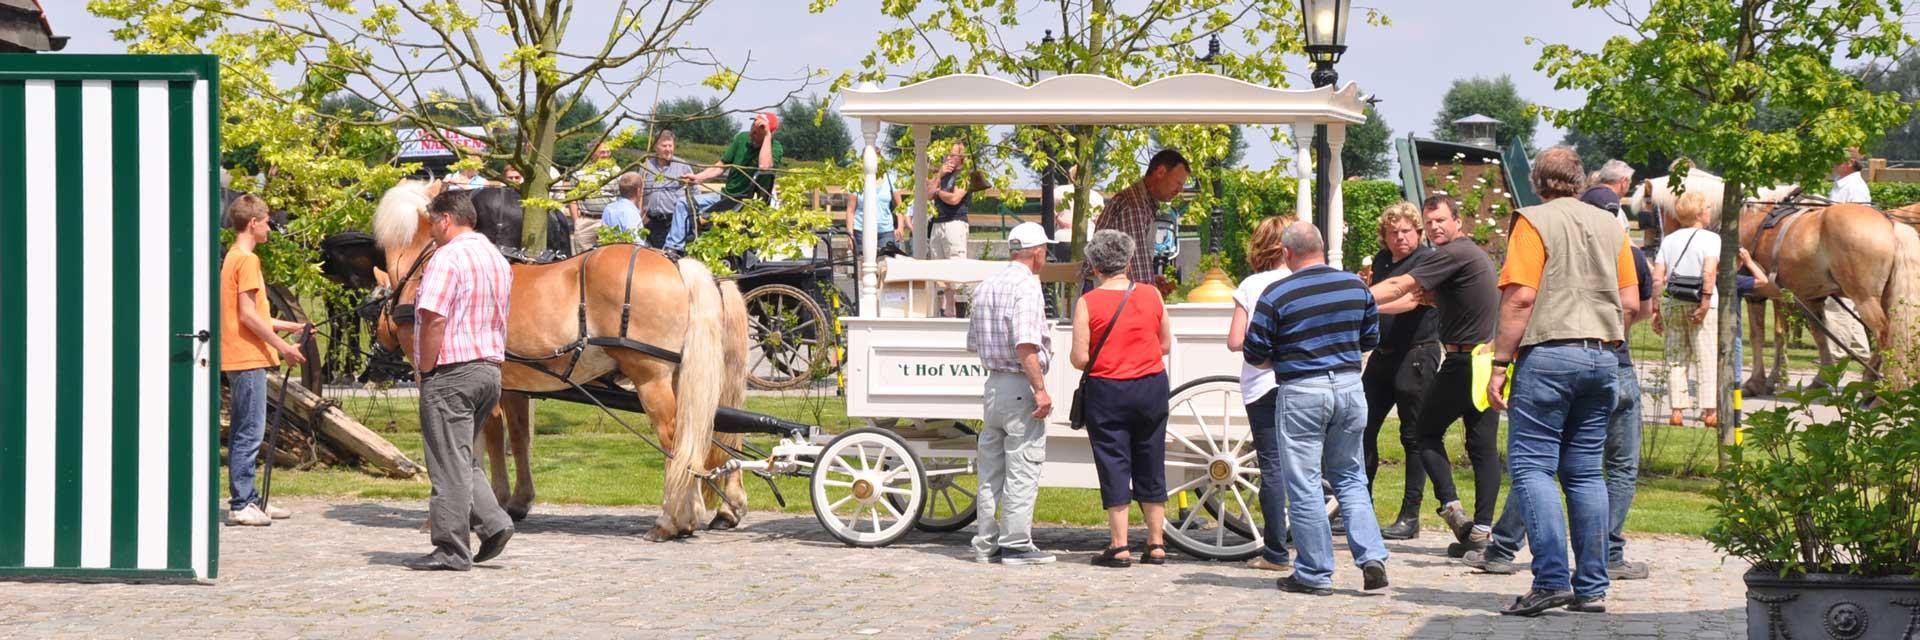 Ijskoets met paarden van 't Hof VANYS op een evenement